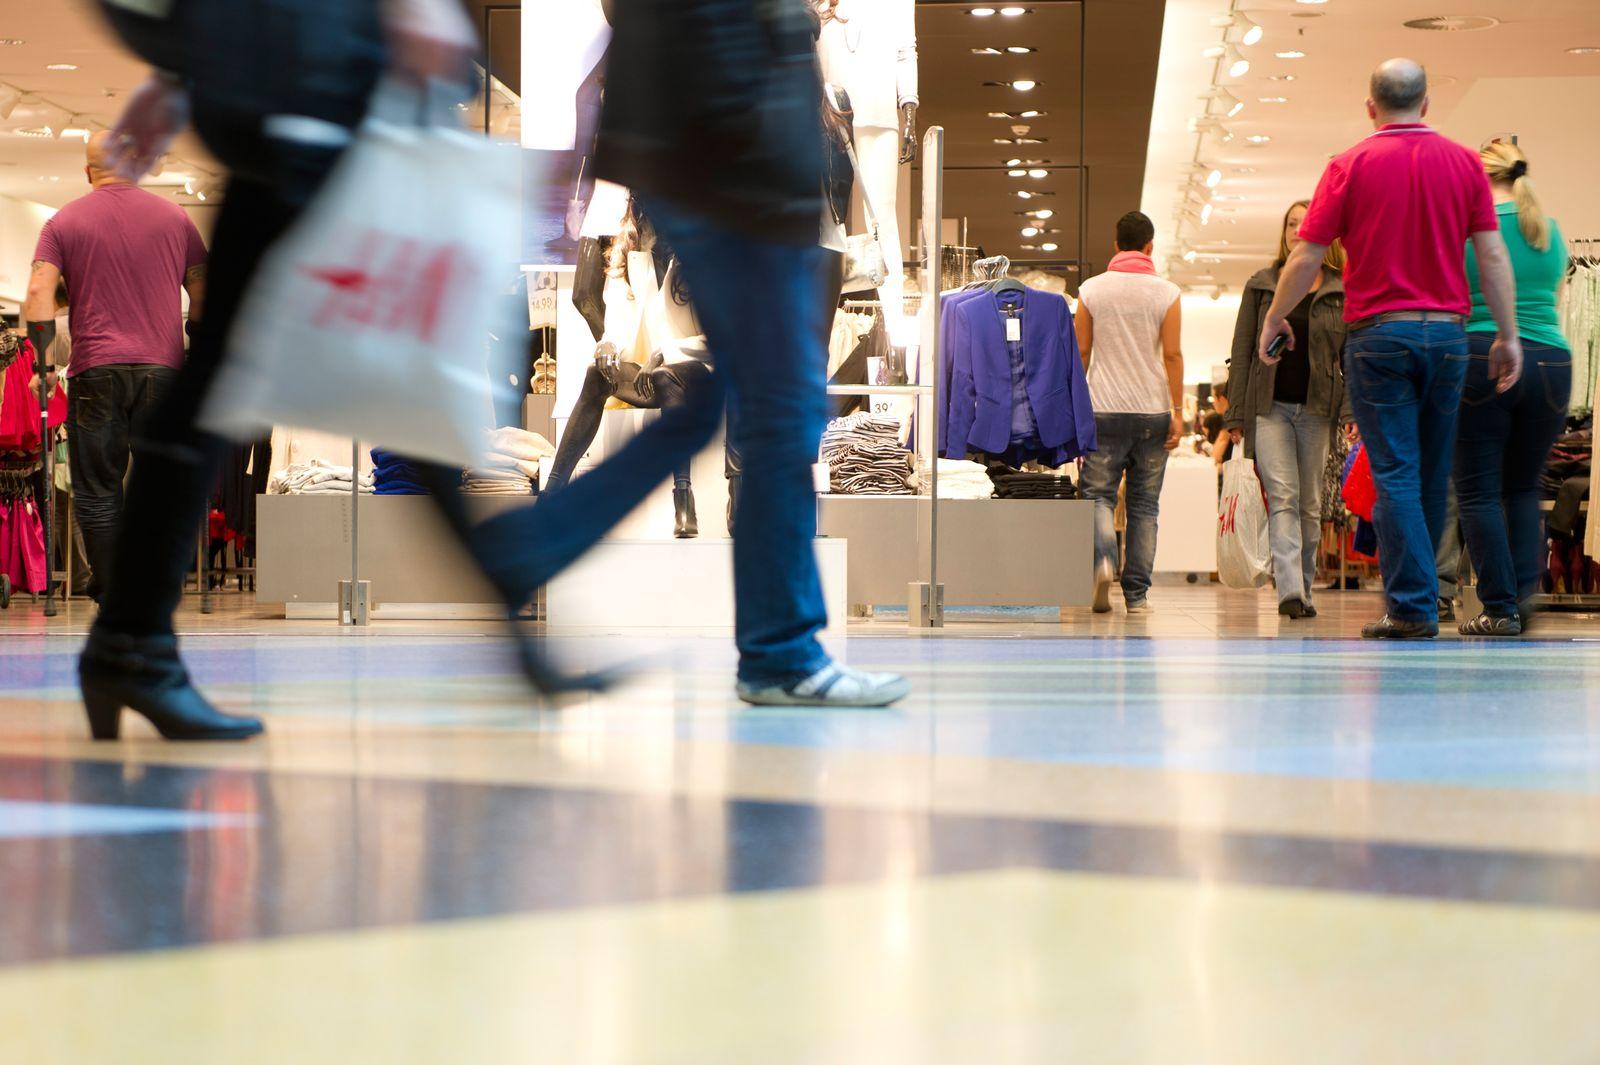 Einkaufszentrum / Kaufen / Einkaufen / Steuer